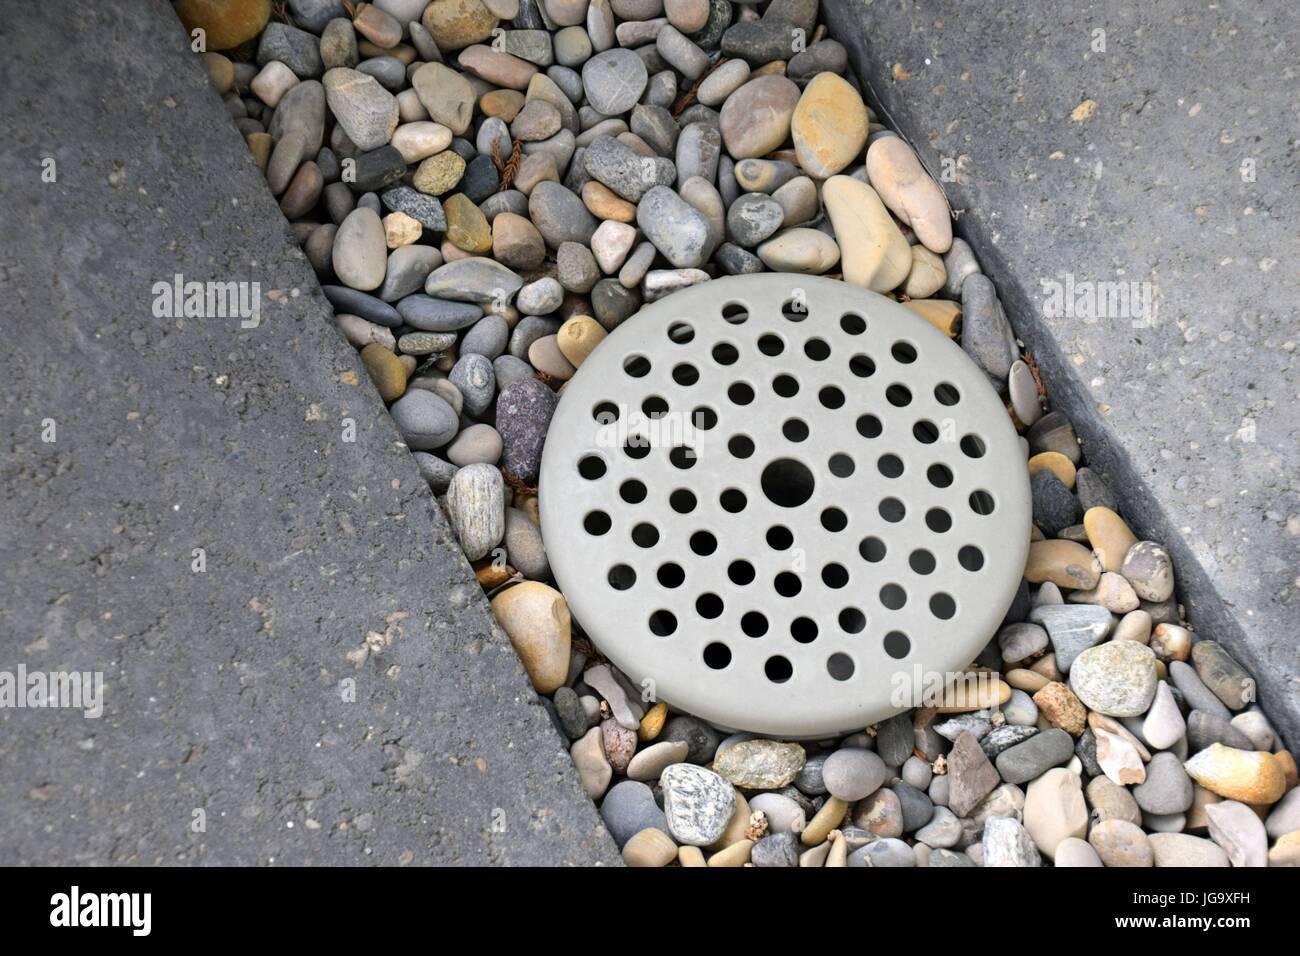 Wasserablauf Mit Steine Und Beton, Wasserablauf mit Beton und Steinen Stockbild